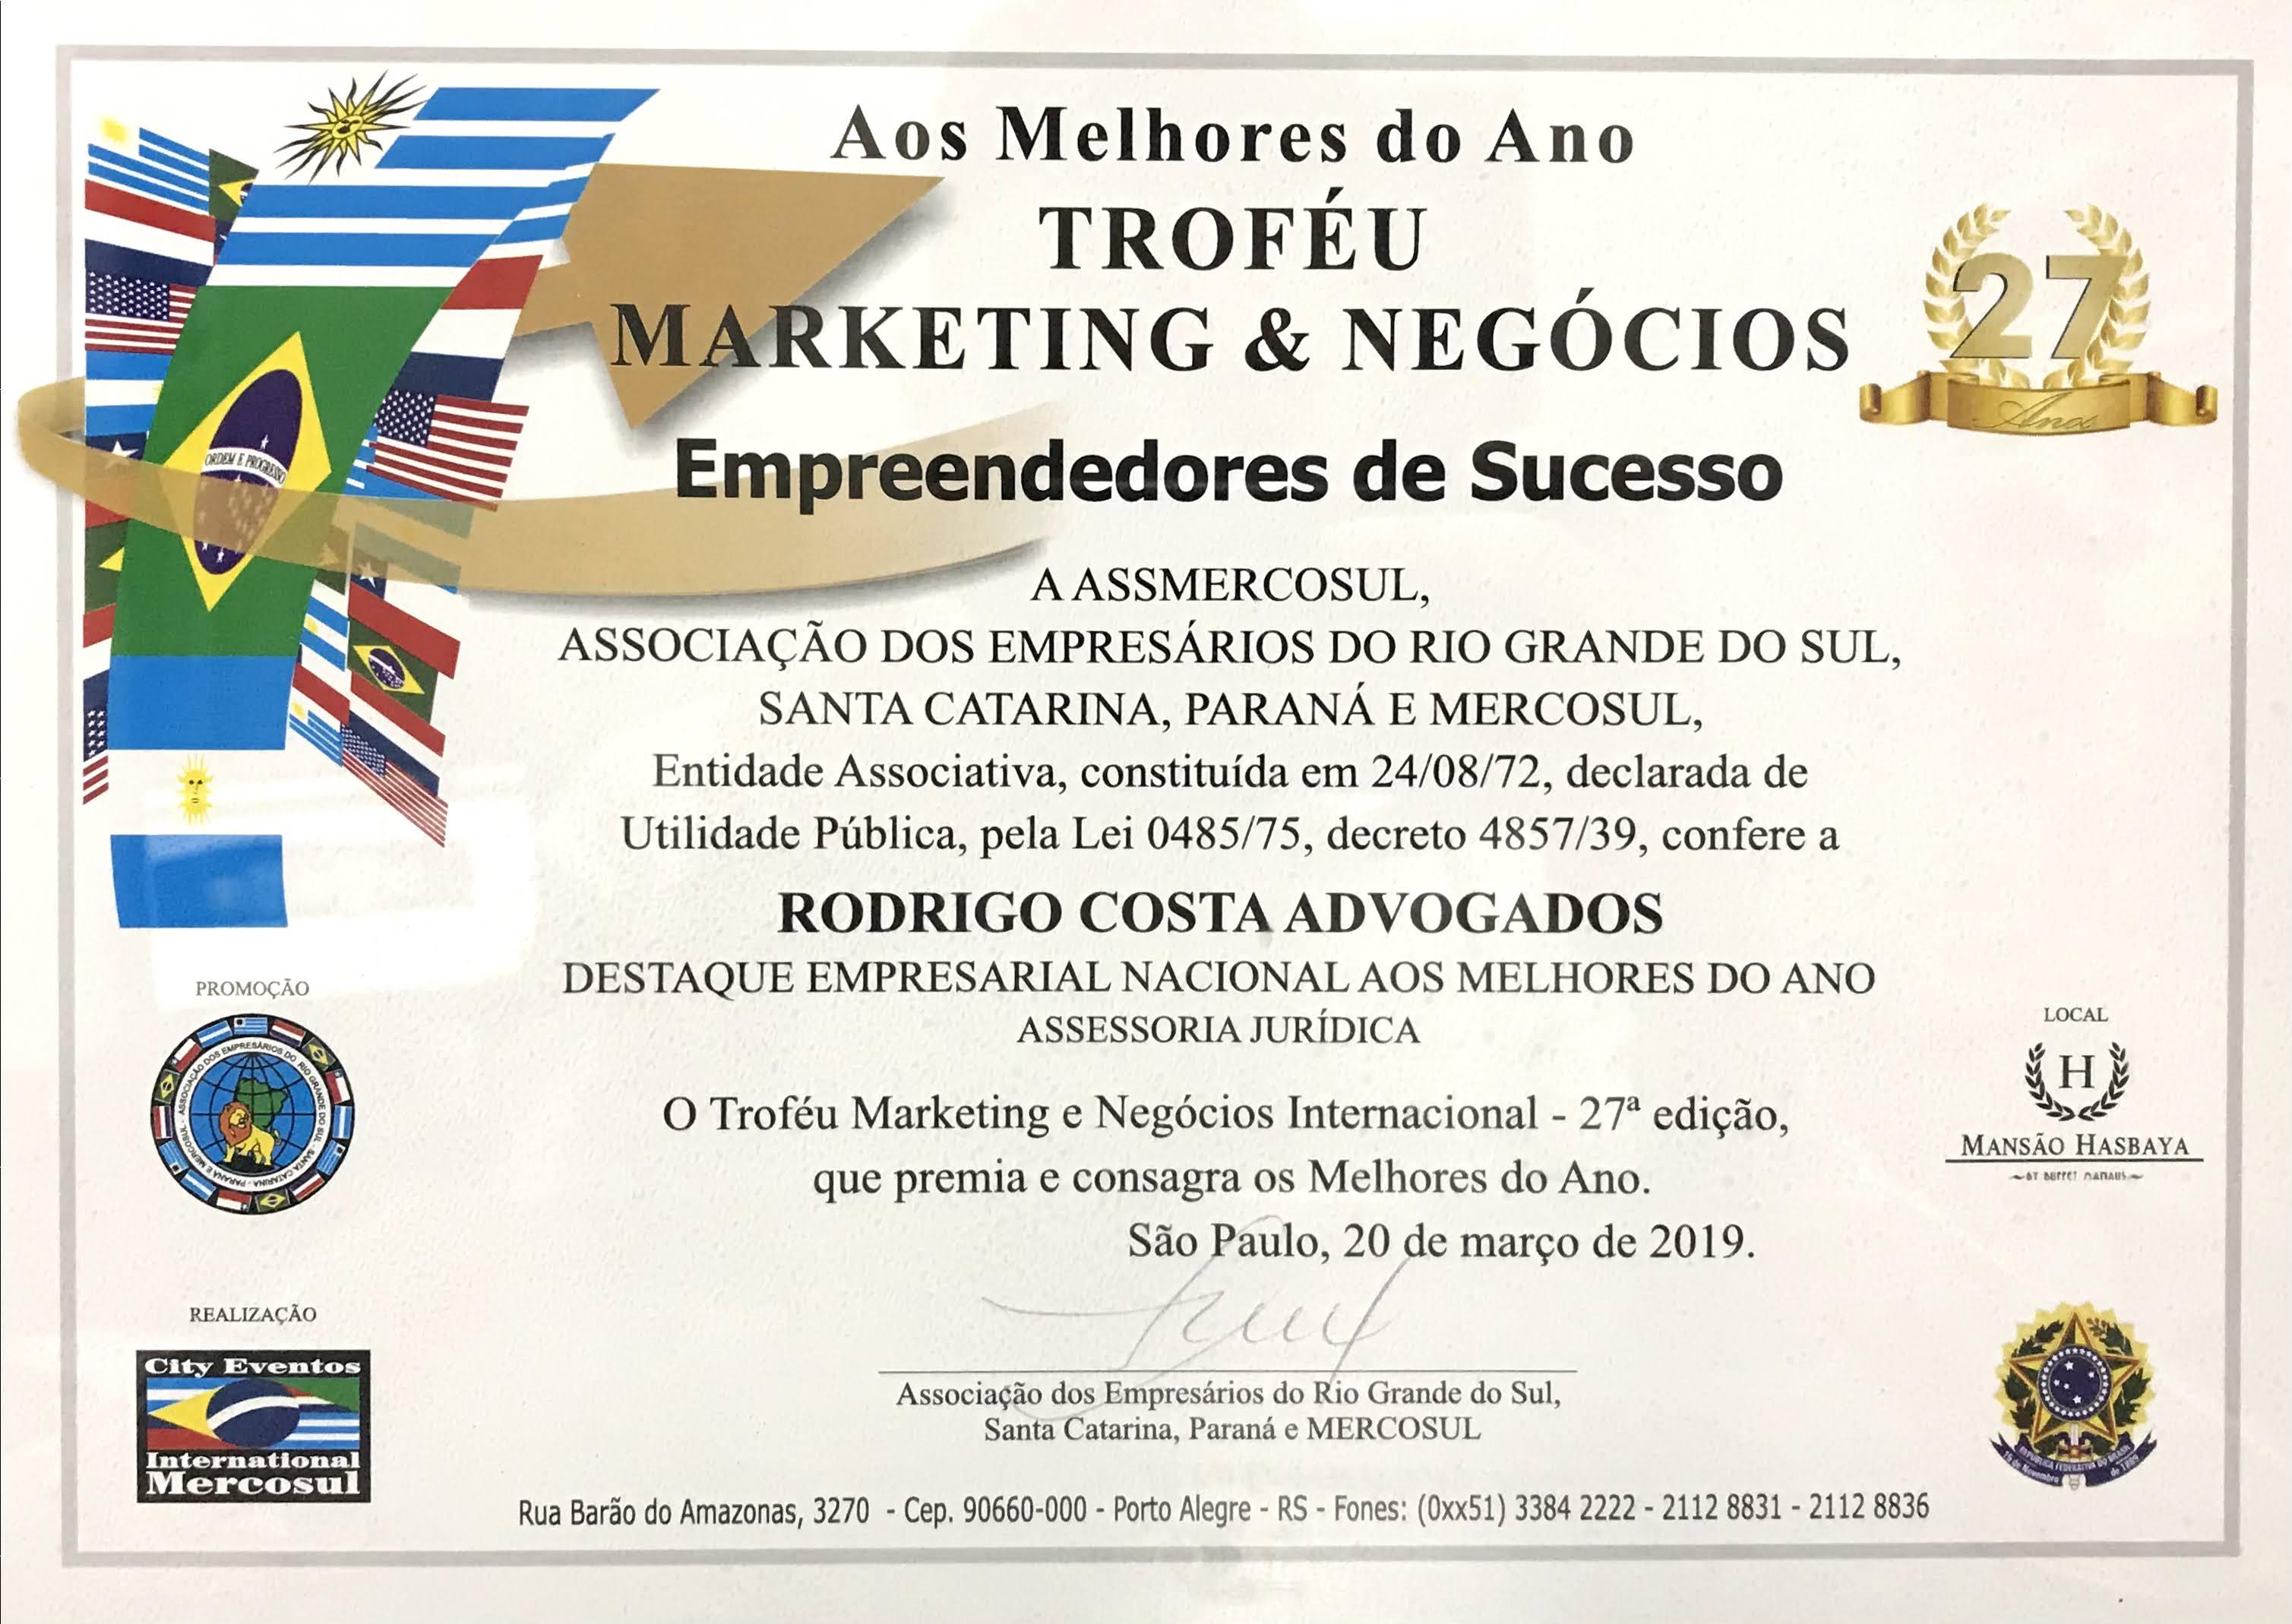 Troféu Marketing e Negócios Empreendedores de Sucesso